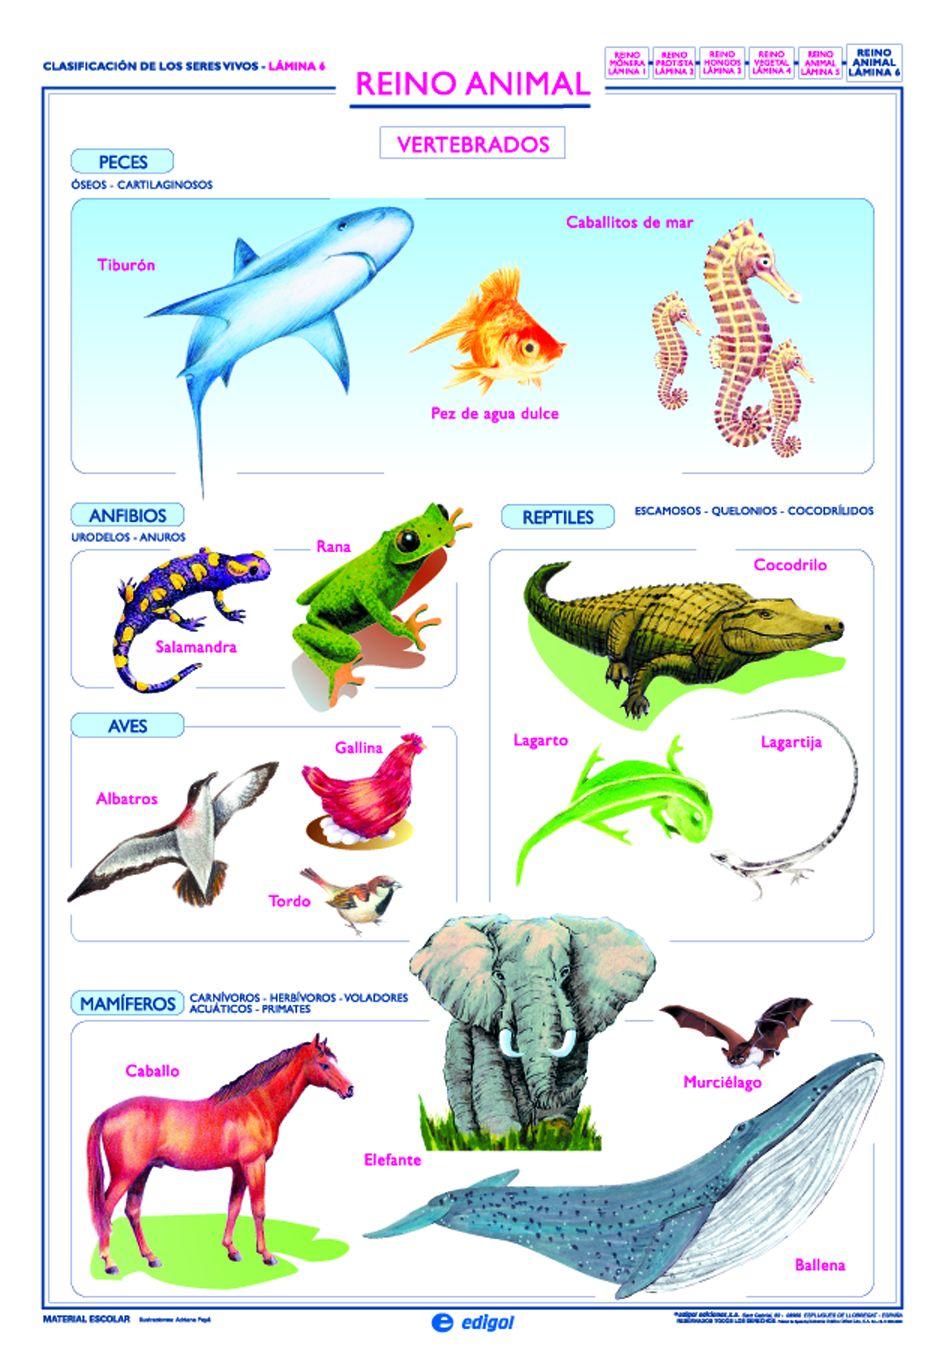 Animales invertebrados: ejemplos y caractersticas - con fotos 15